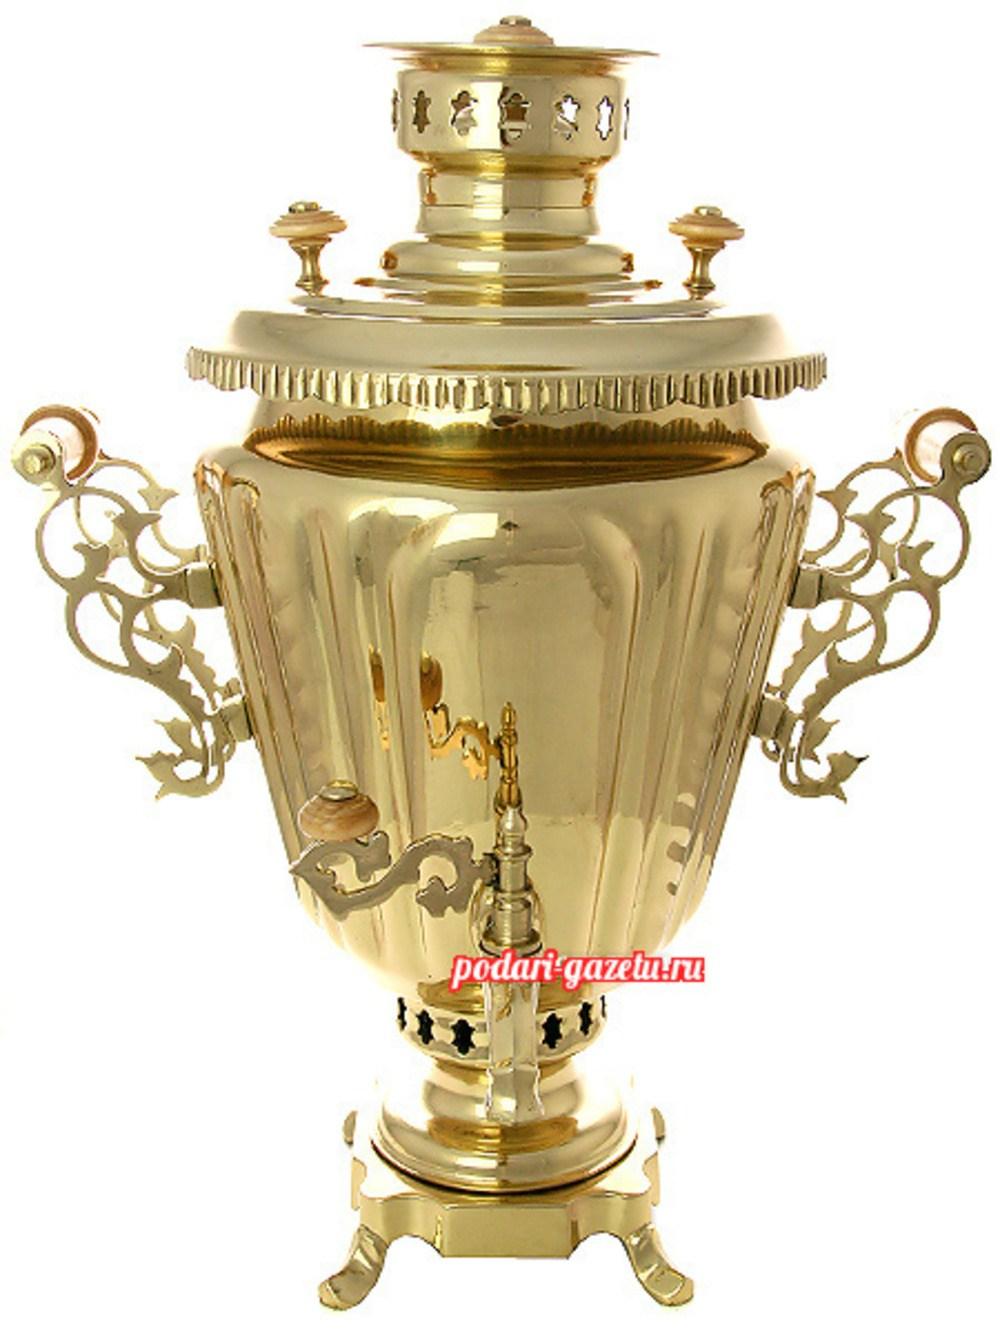 Угольный самовар (жаровый, дровяной) на 5 литров, желтый конус граненый с витыми ручками